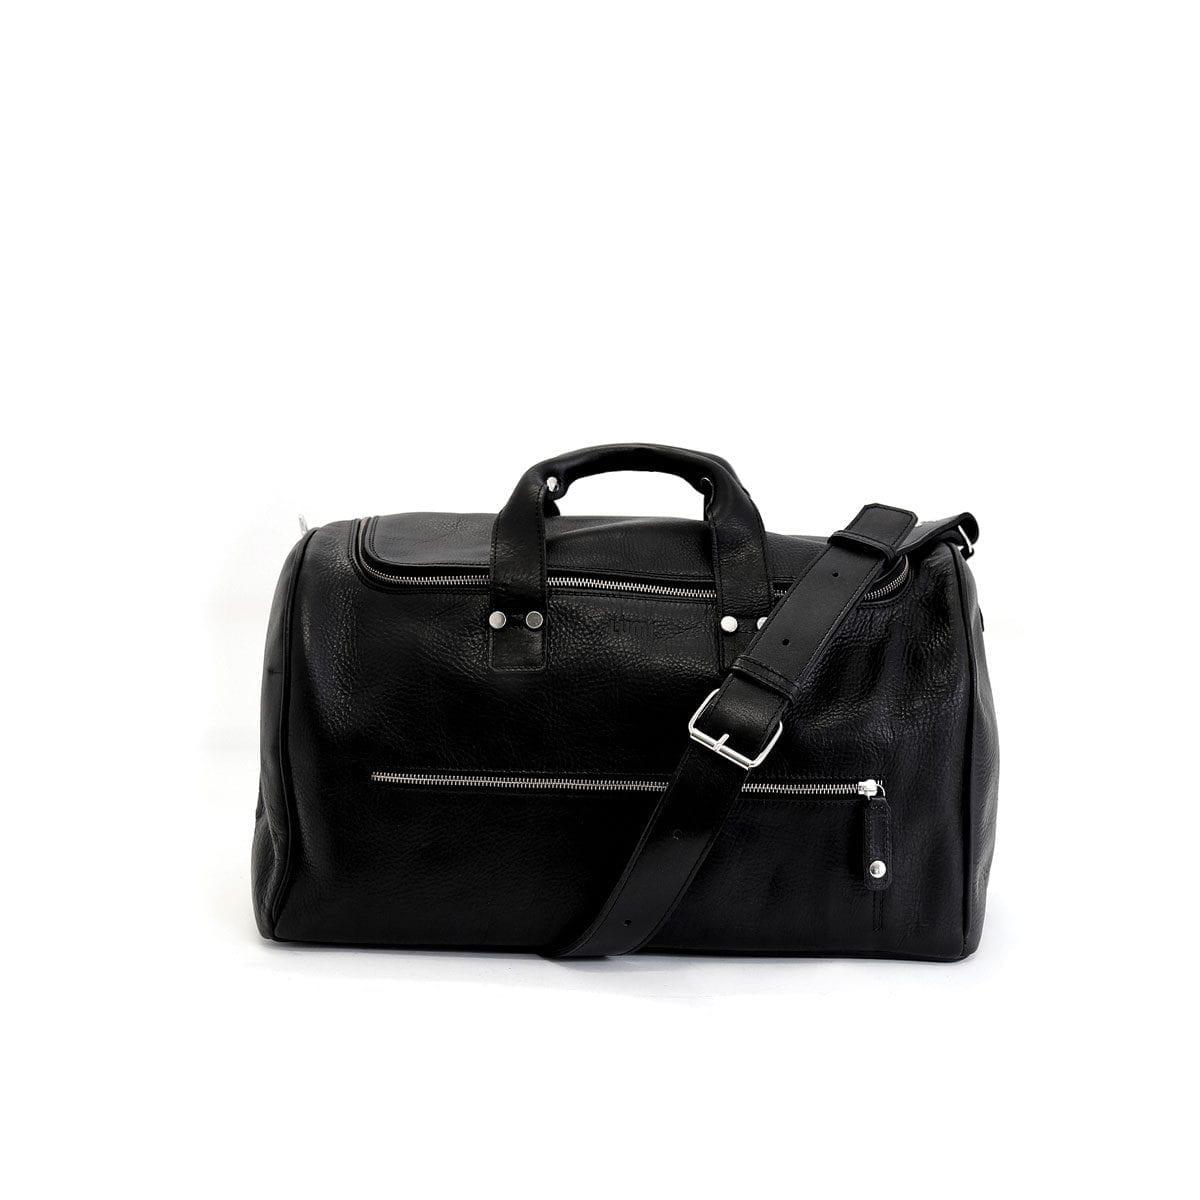 a33fd3e1c1b7 Kari Gym Bag Black – Lumi Accessories